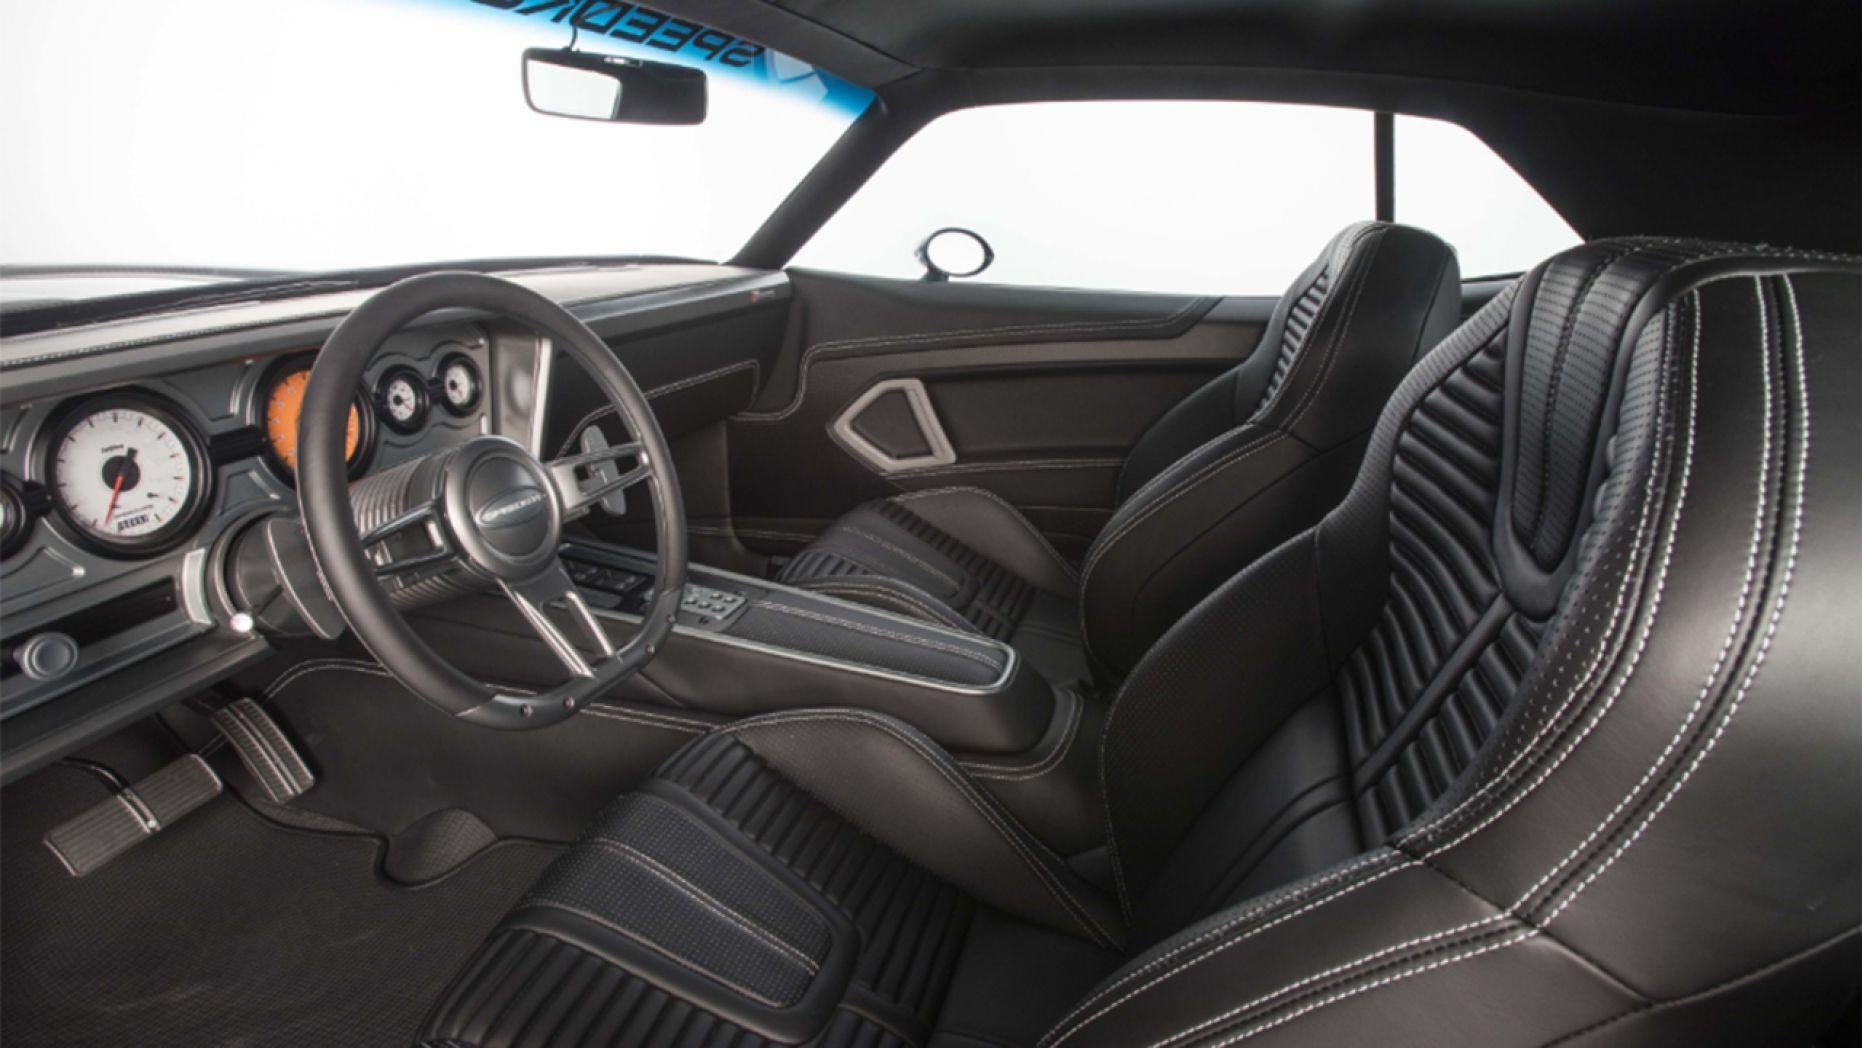 1970 Plymouth 'Cuda interior